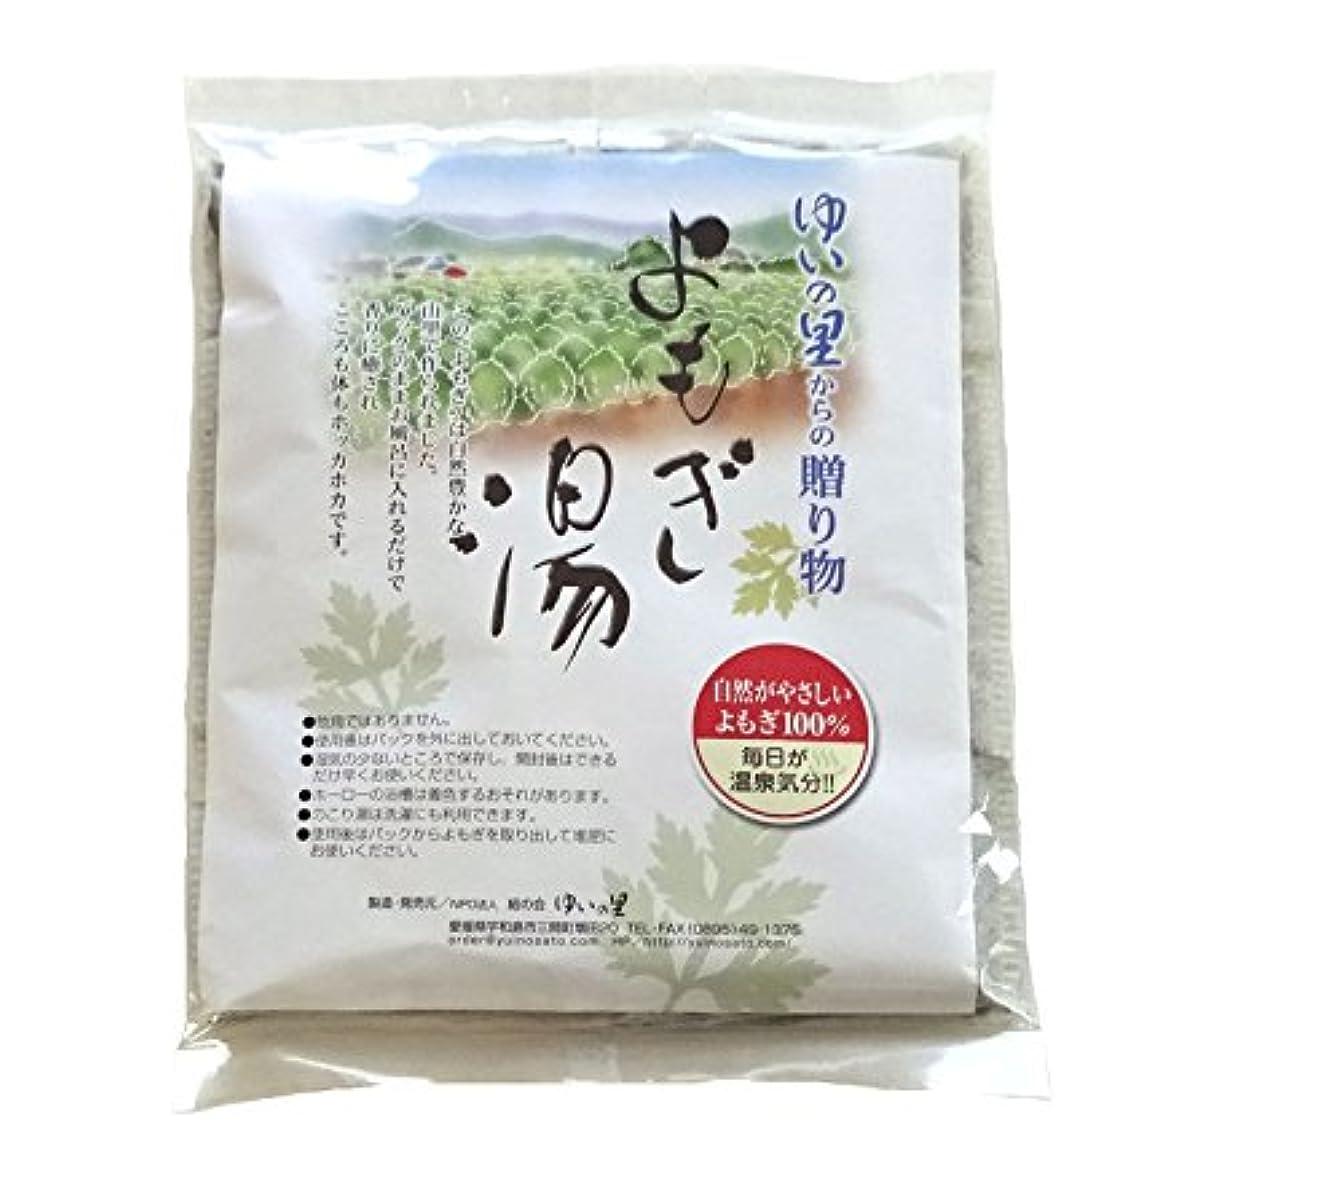 薬局池アラスカよもぎ湯入浴パック (10パック入) 愛媛県産 自家栽培よもぎ100%使用